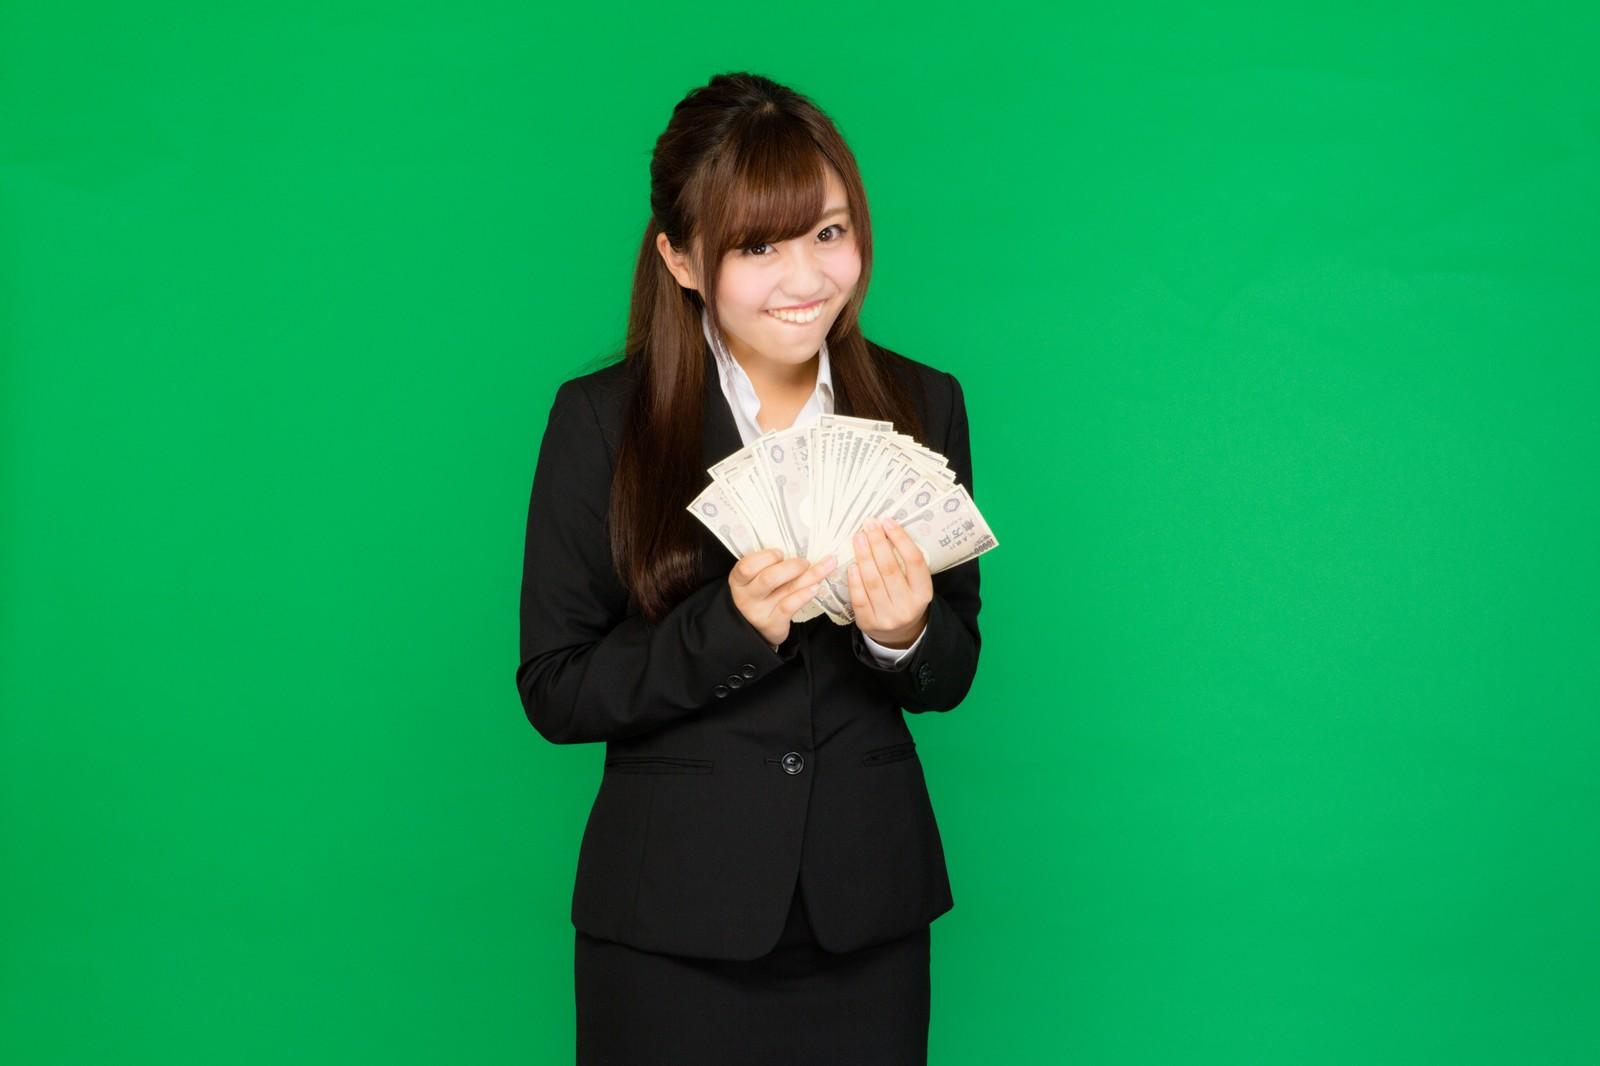 配当金を受け取る女子イメージ